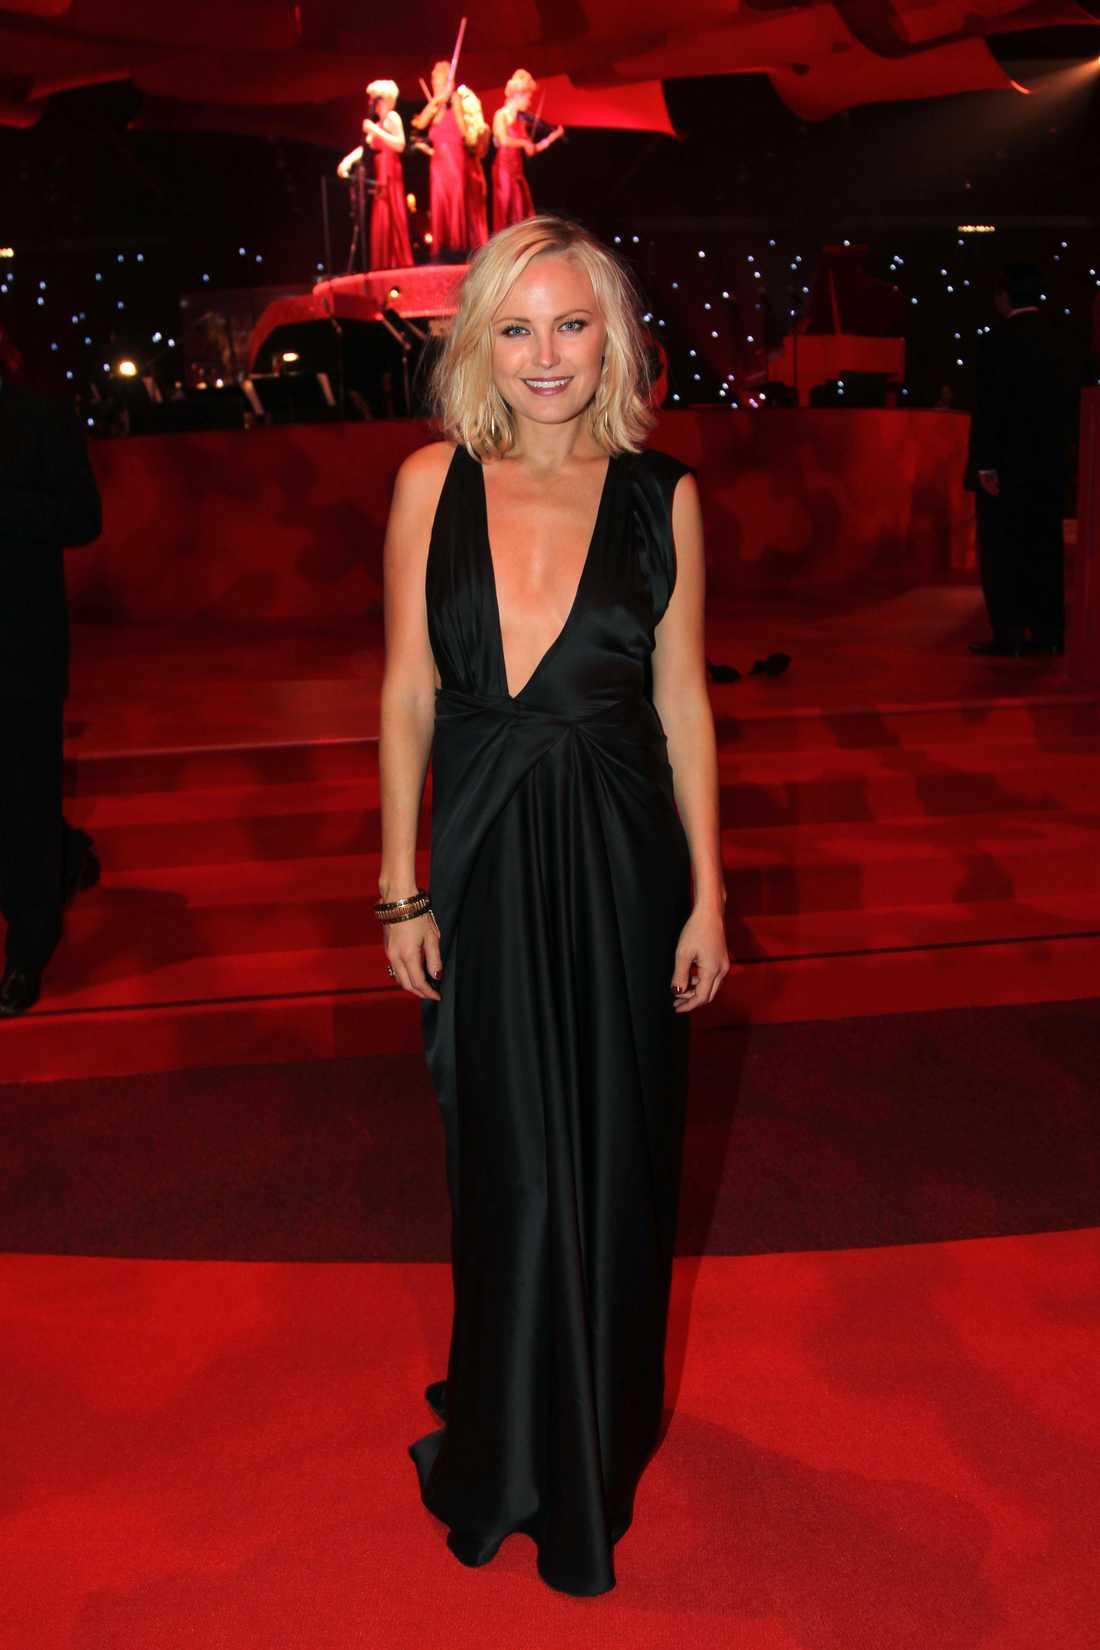 Den svenska Hollywoodstjärnan poserar på röda mattan.